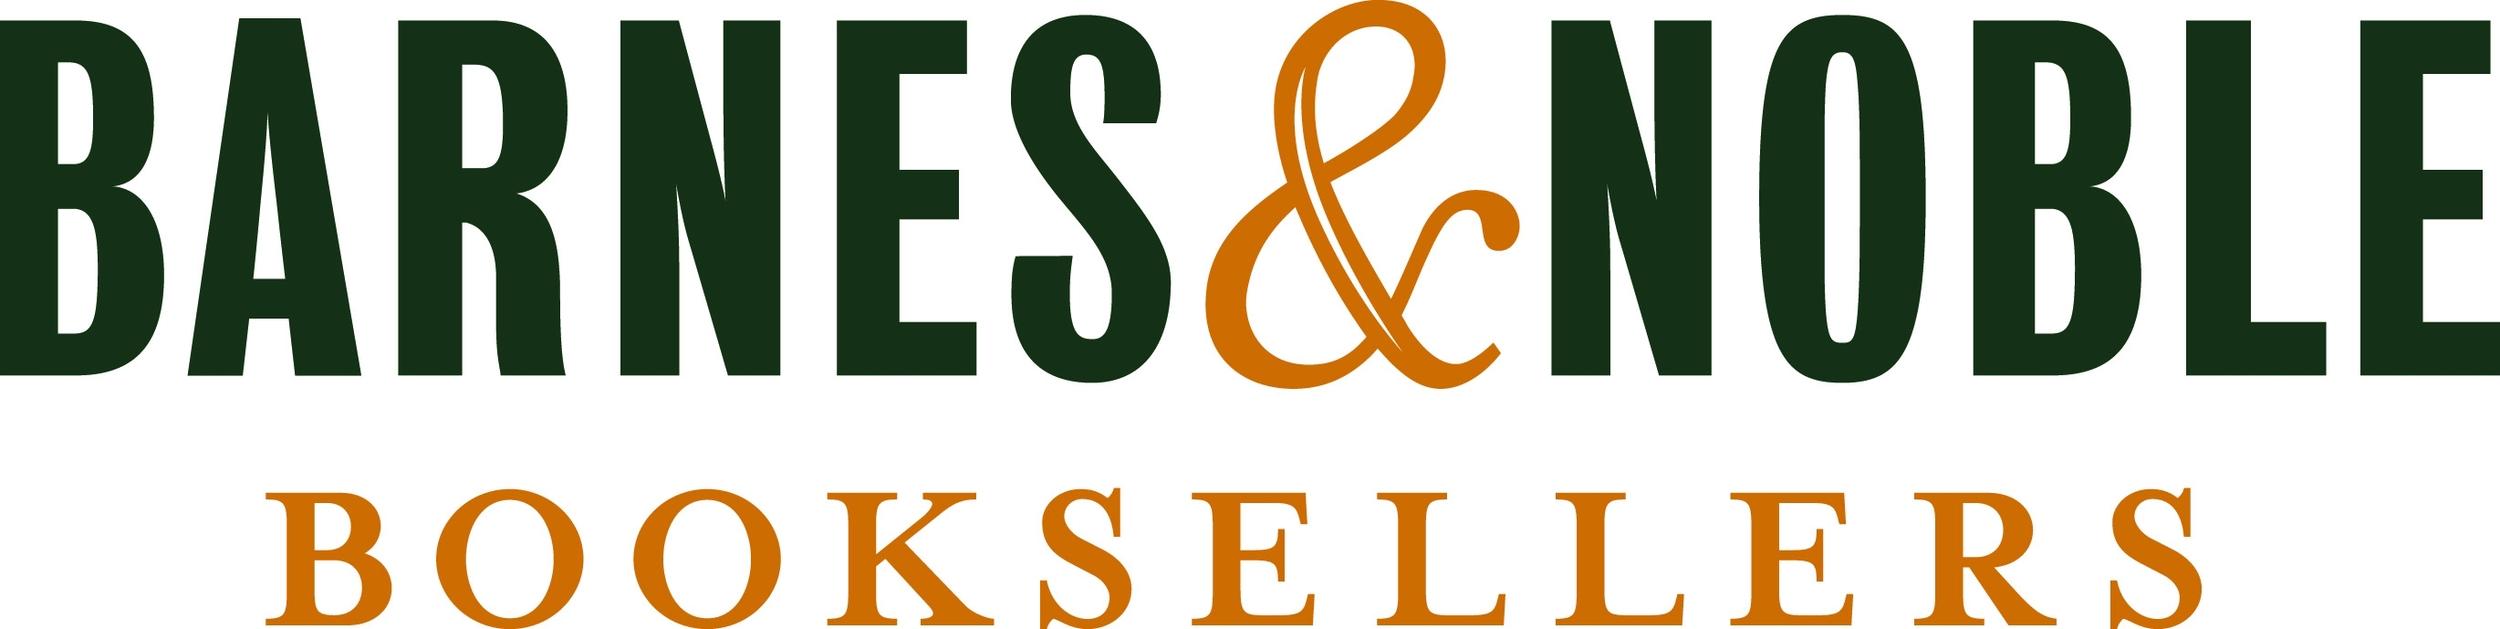 Barnes & Noble logo.jpg